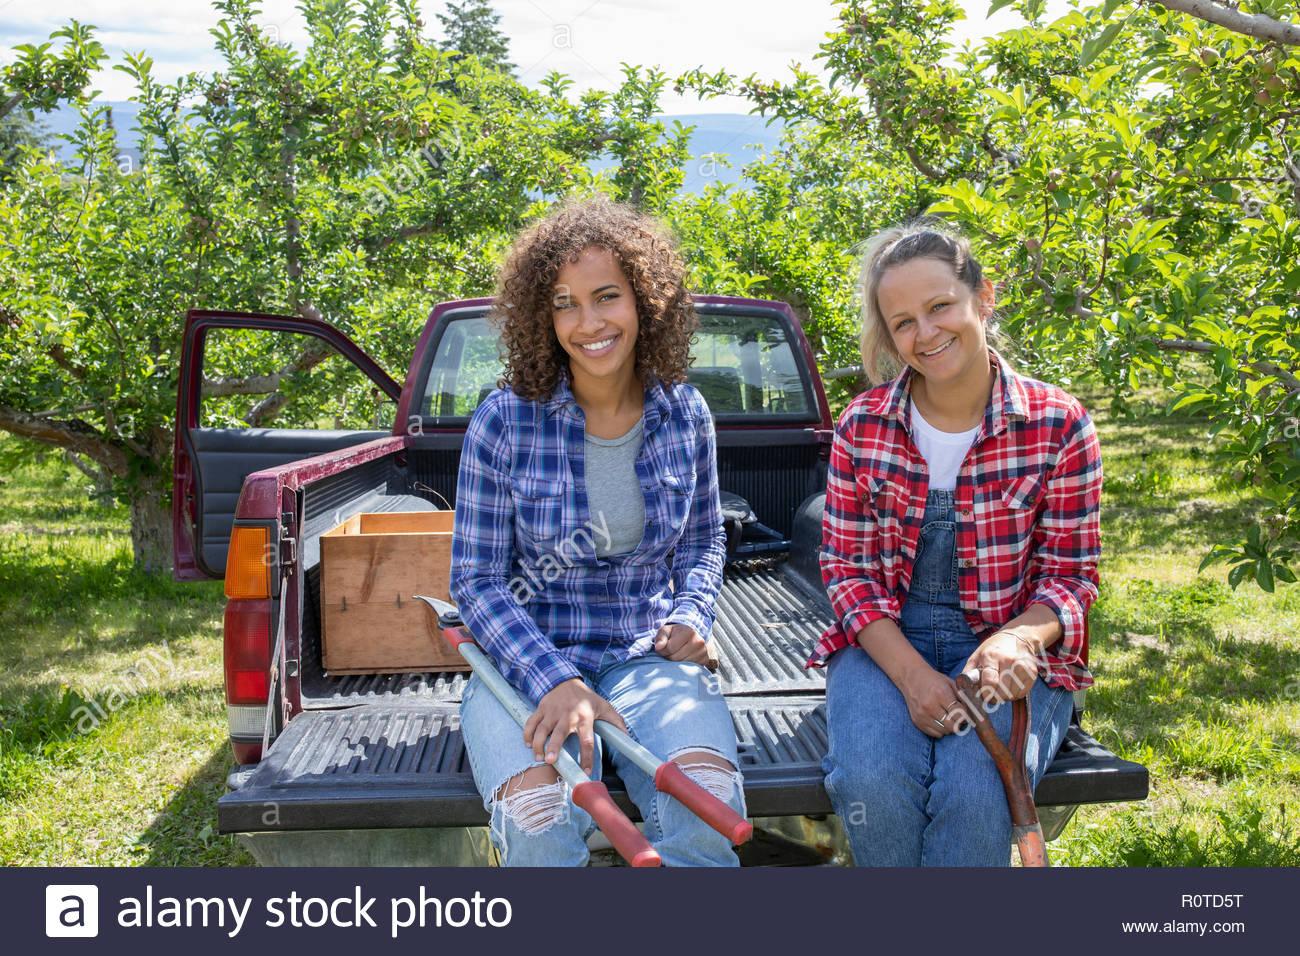 Retrato sonriente, confiados a las agricultoras sentado en la parte trasera de la carretilla en huerto Imagen De Stock